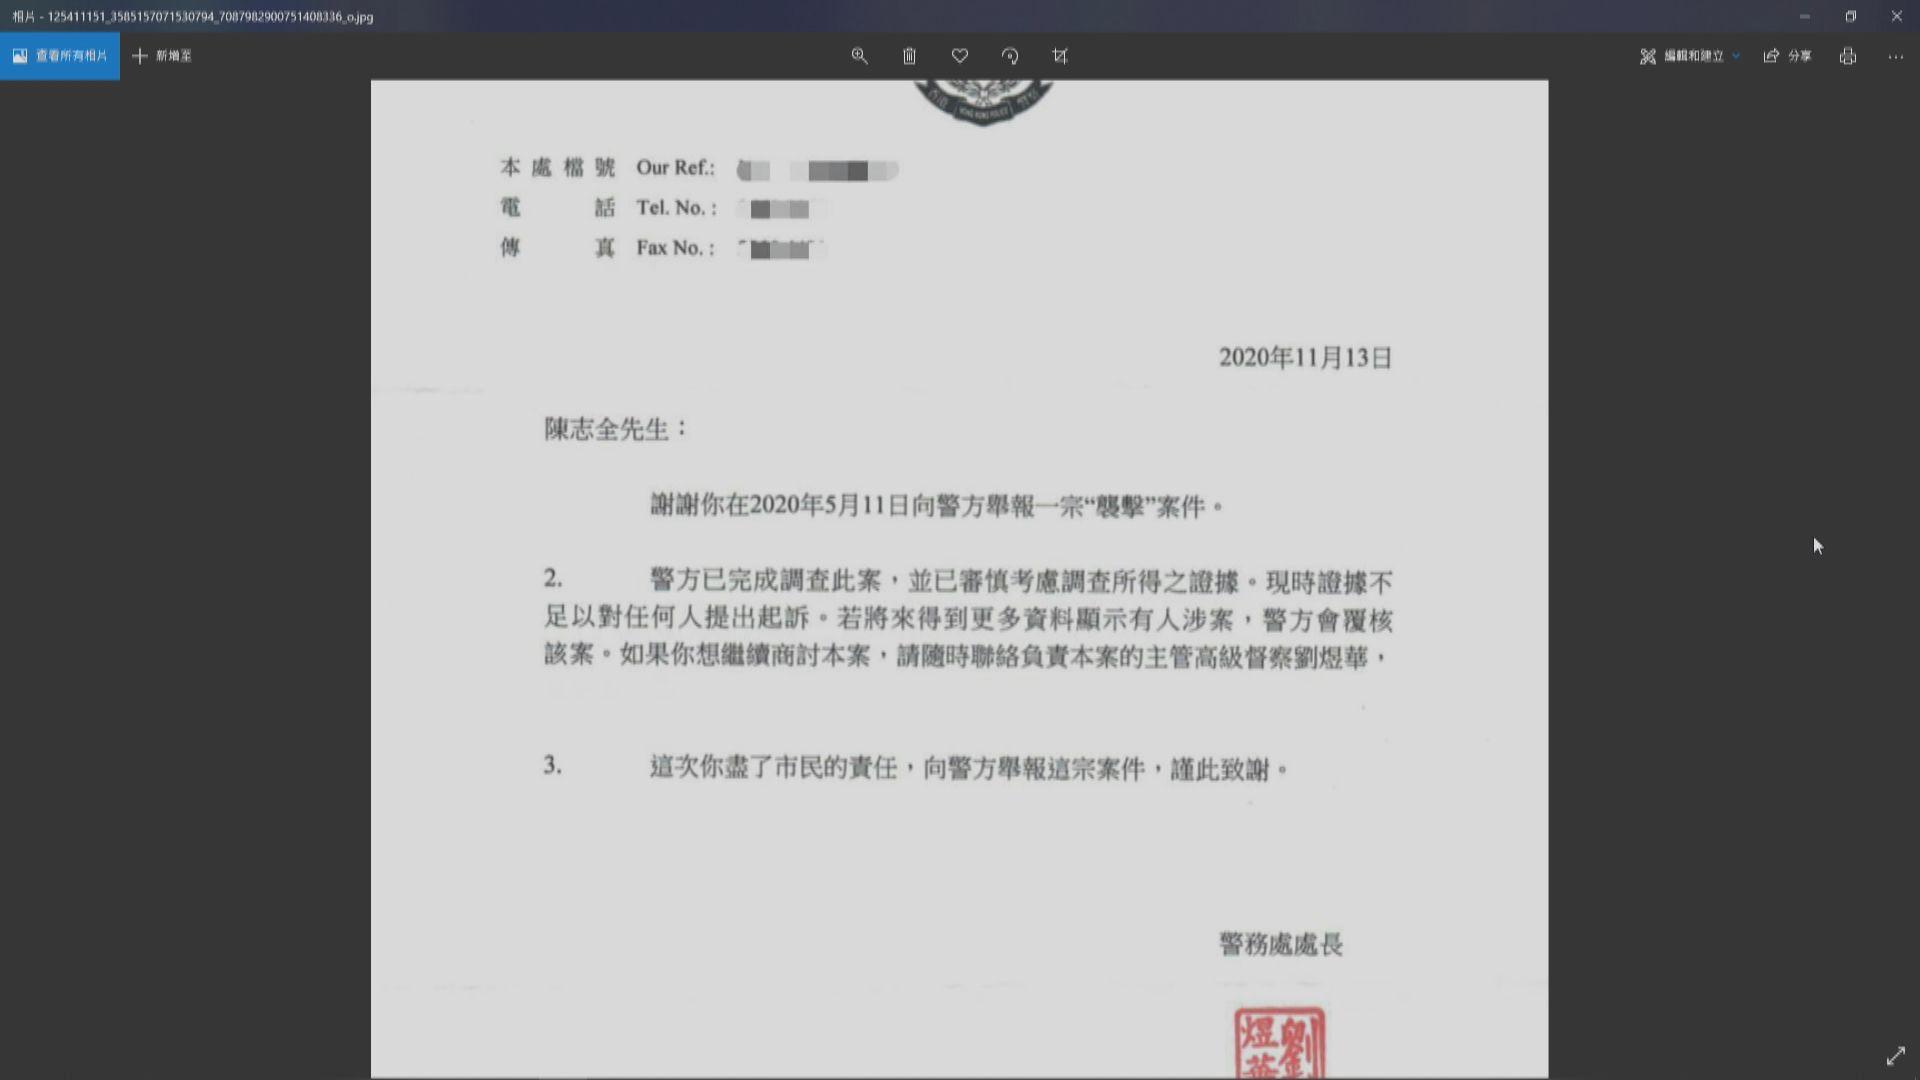 陳志全尹兆堅報警稱遭襲擊 警指證據不足不起訴